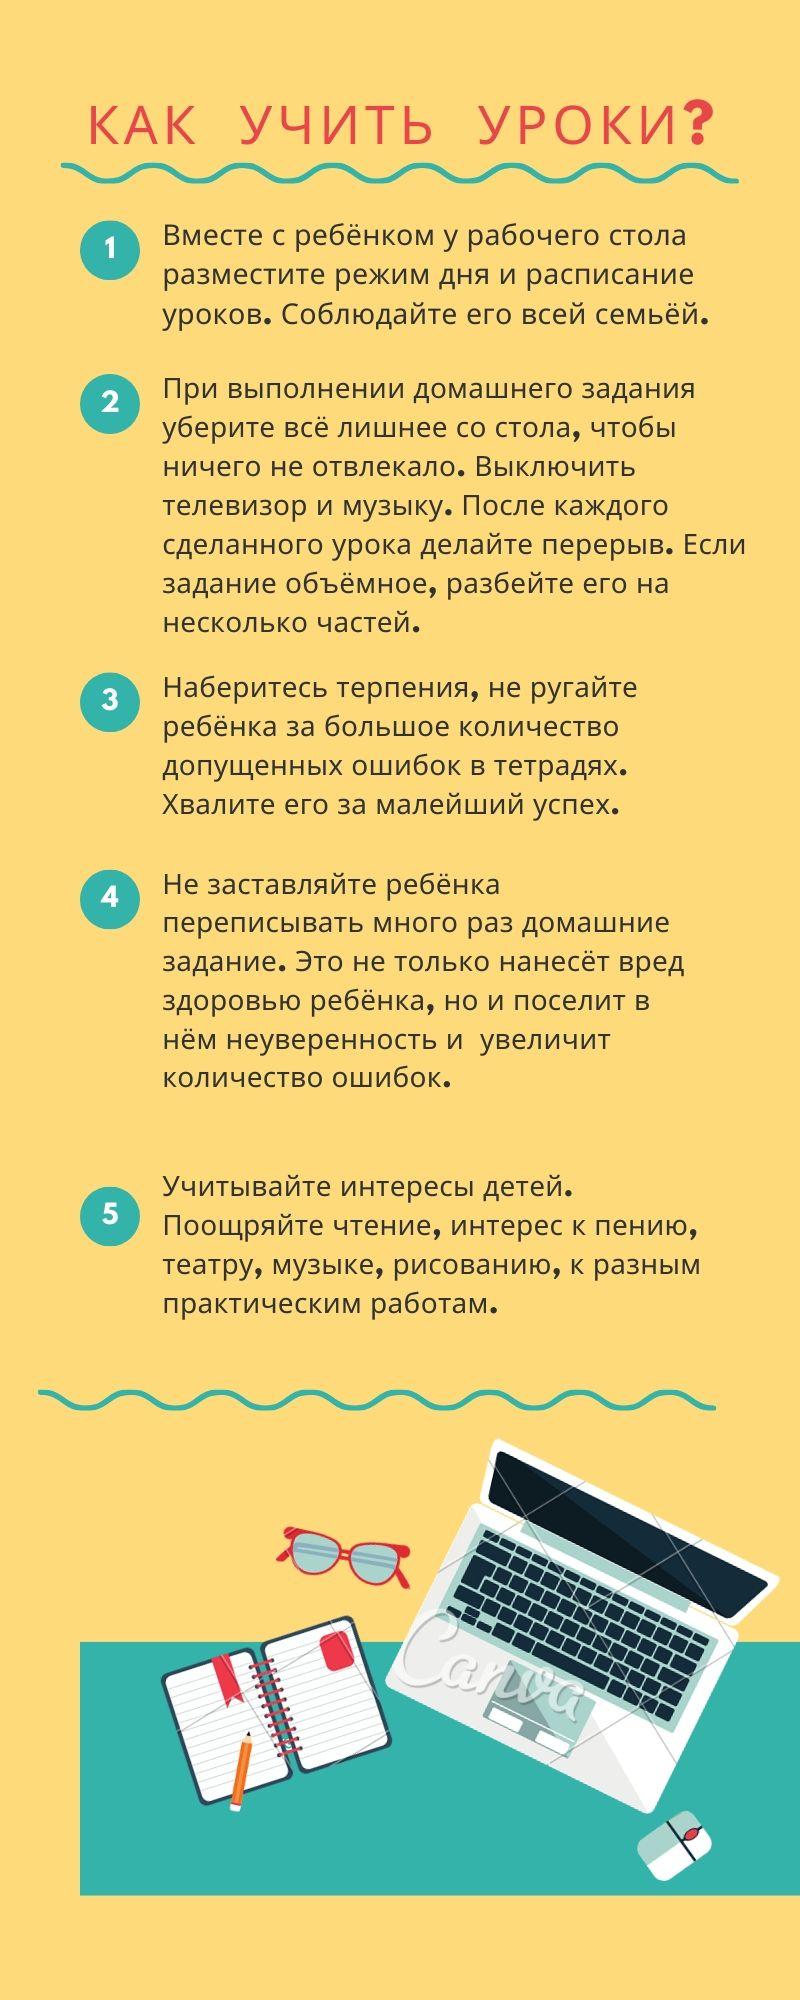 Как учить уроки